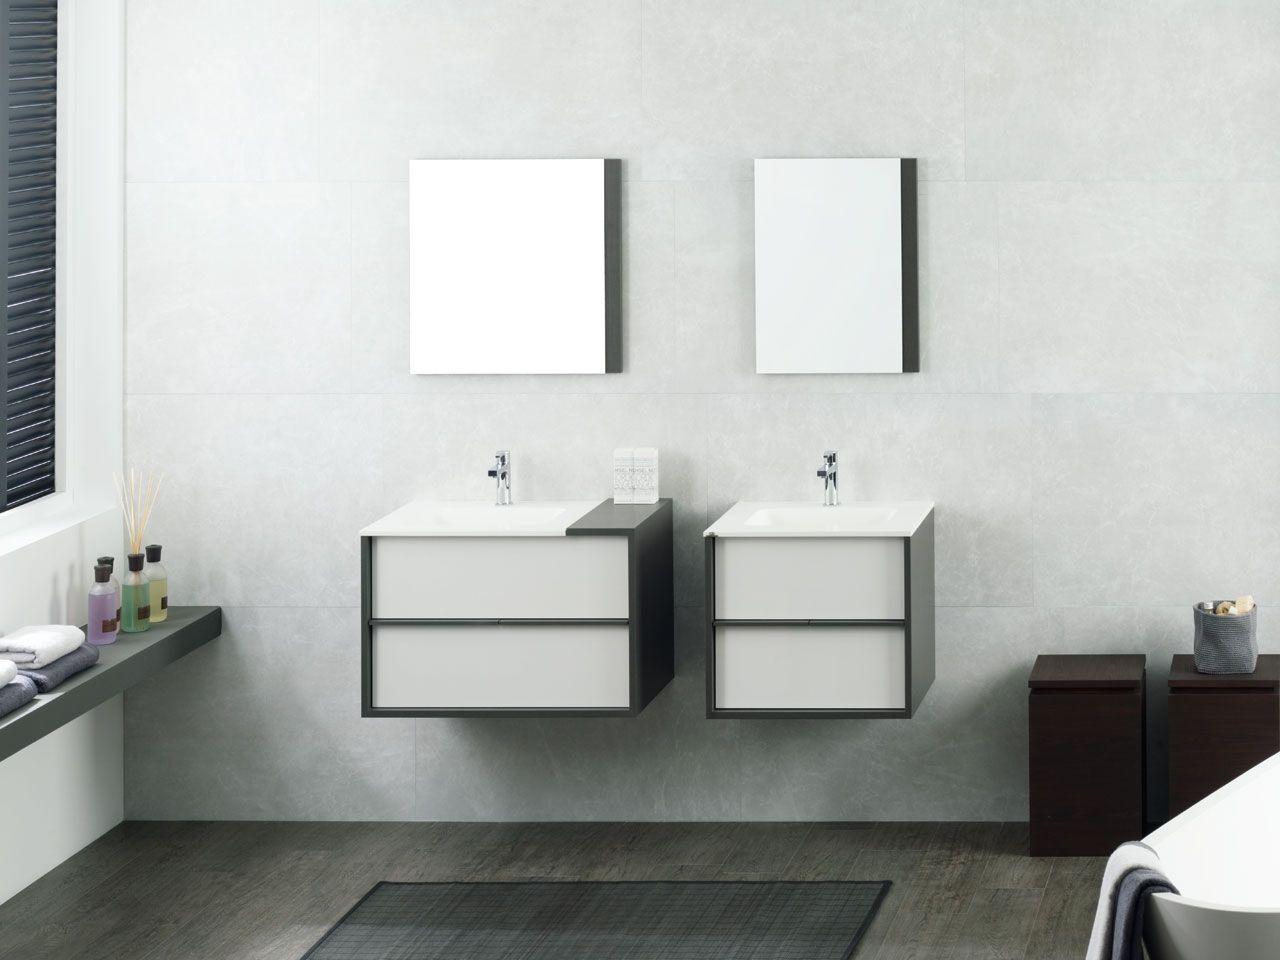 Porcelanosa Meuble De Salle De Bain meuble de bains folk lino / blanco brillo | bathroom vanity